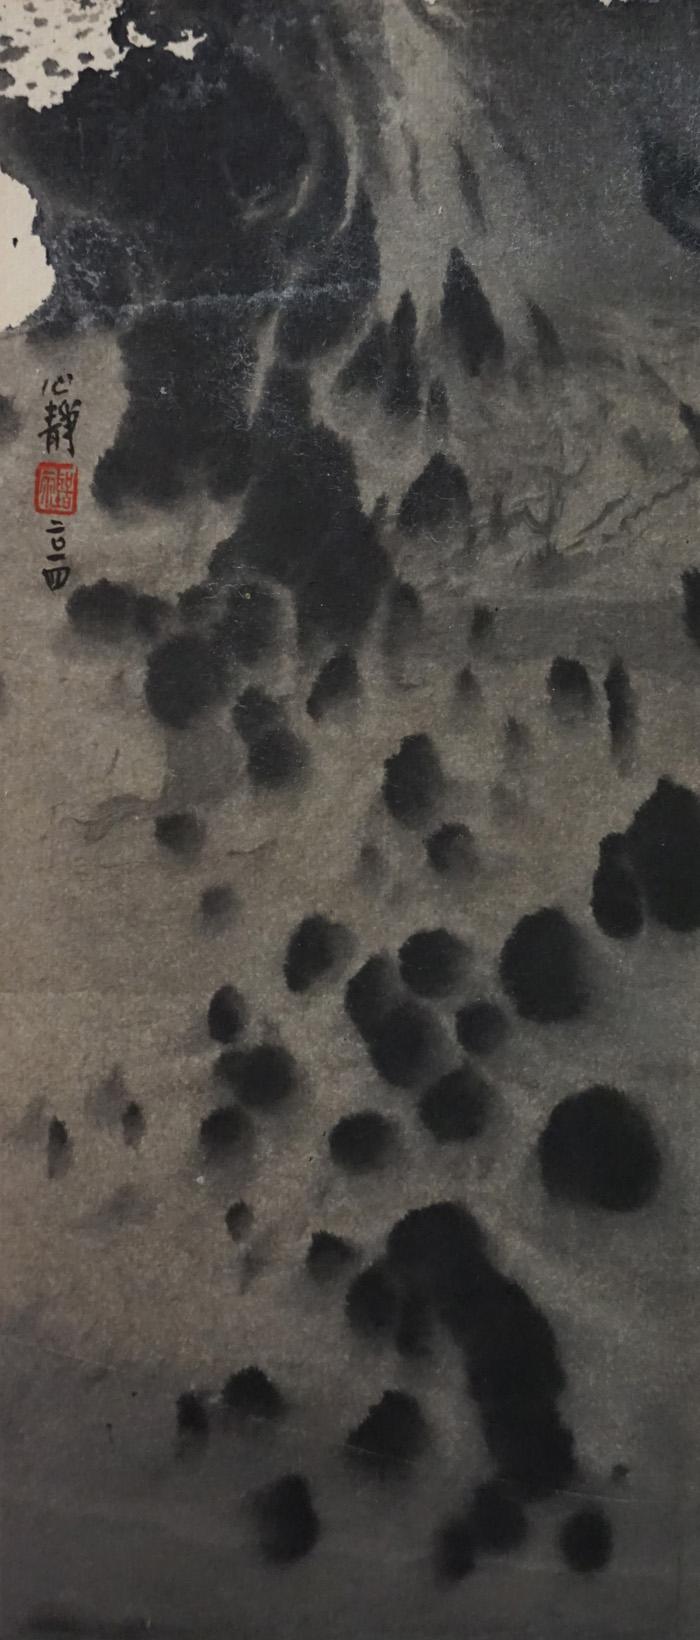 江心靜 / 2014 / 無憂山 / 32x 14cm / 水墨紙本